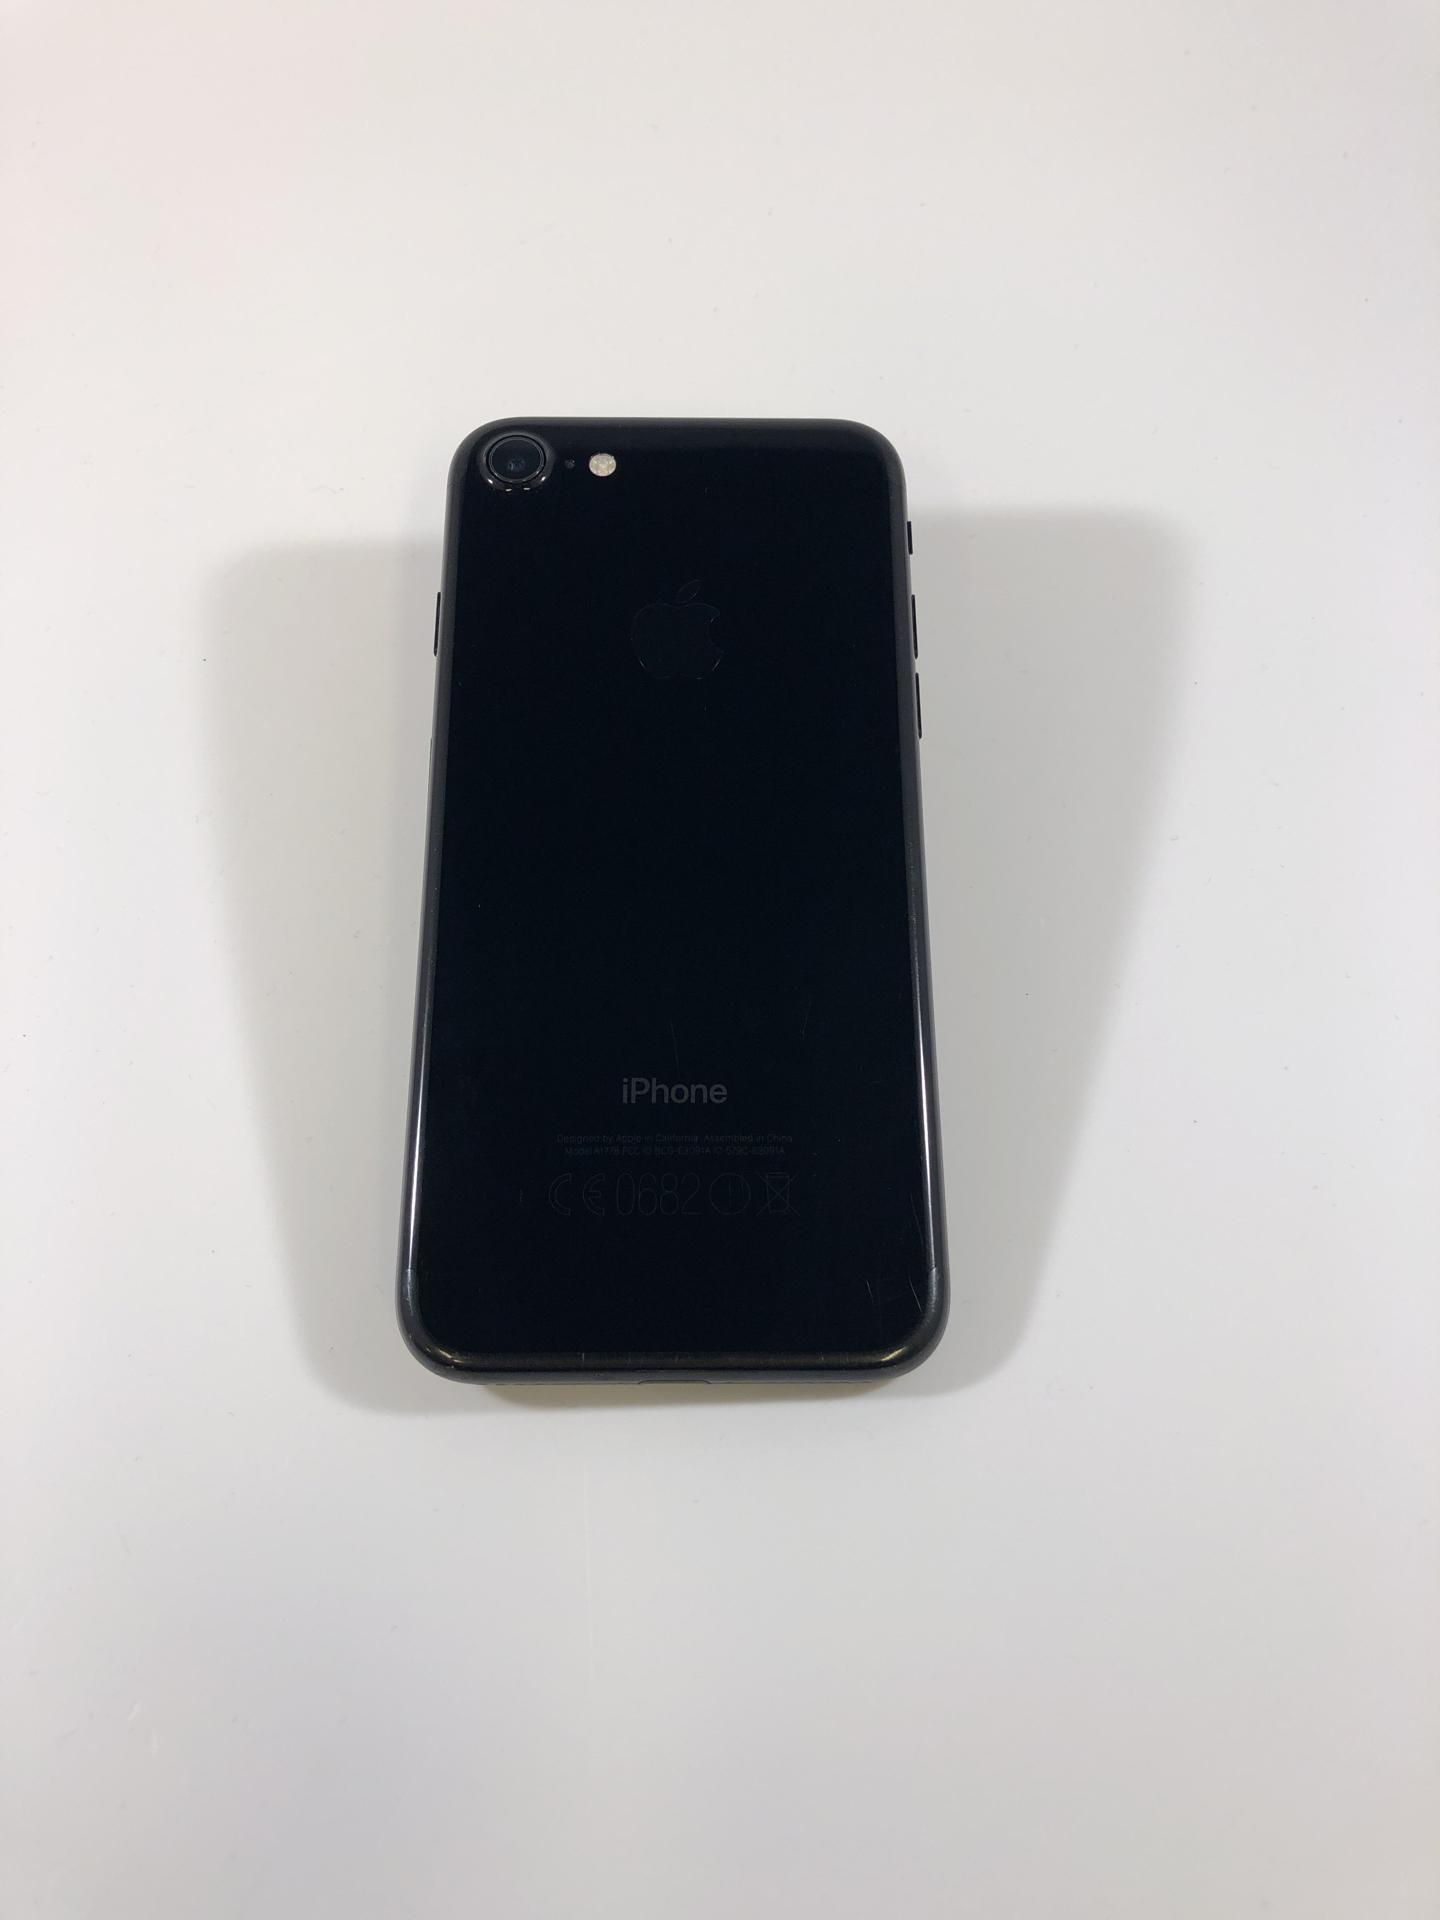 iPhone 7 128GB, 128GB, Jet Black, obraz 2